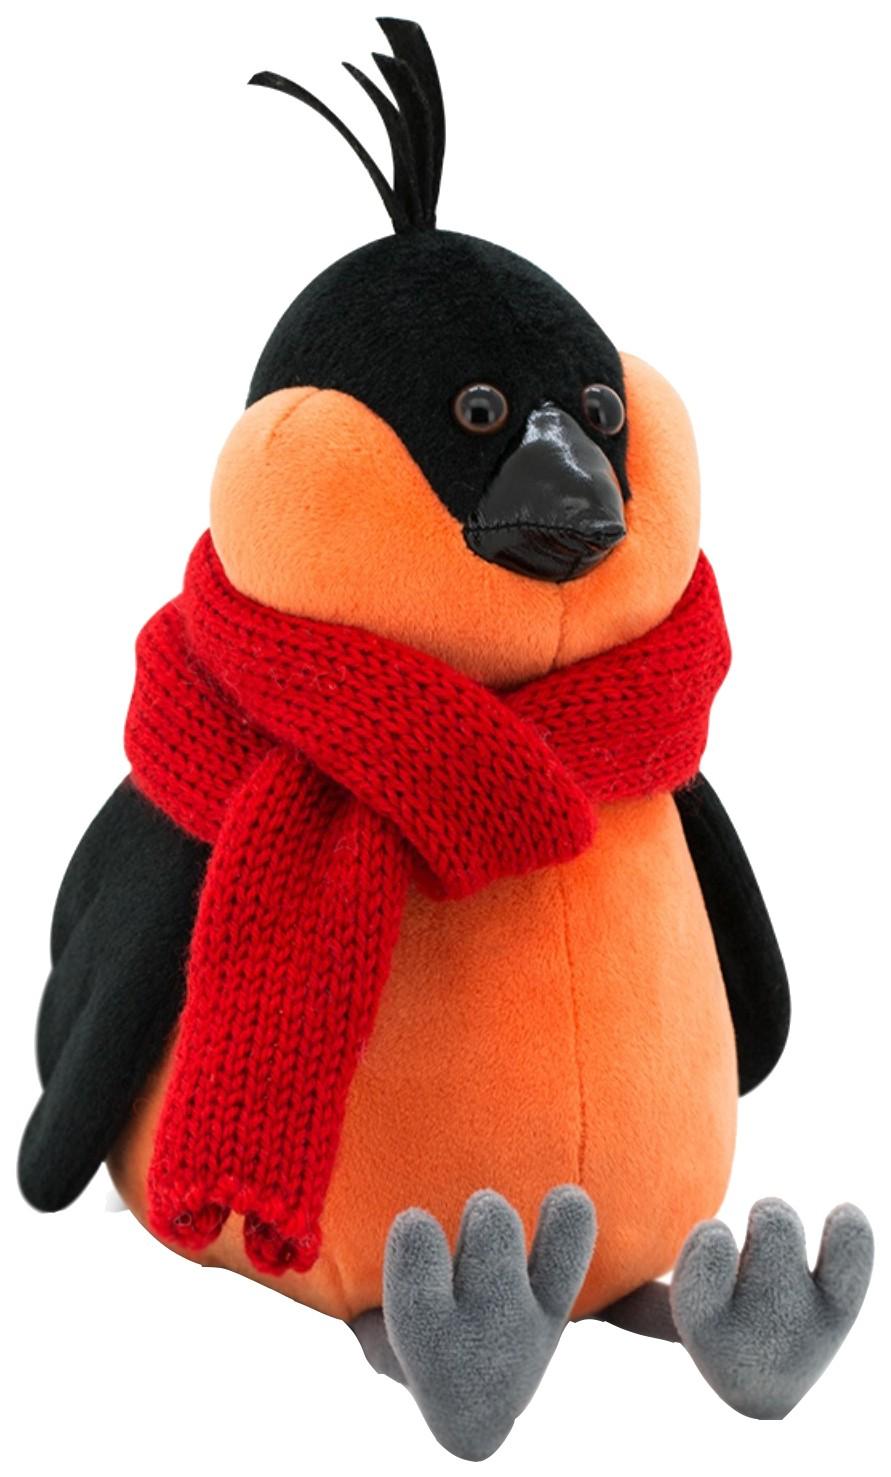 Купить Мягкая игрушка «Снегирь» в красном шарфе, 20 см Orange, Orange Toys, Мягкие игрушки птицы